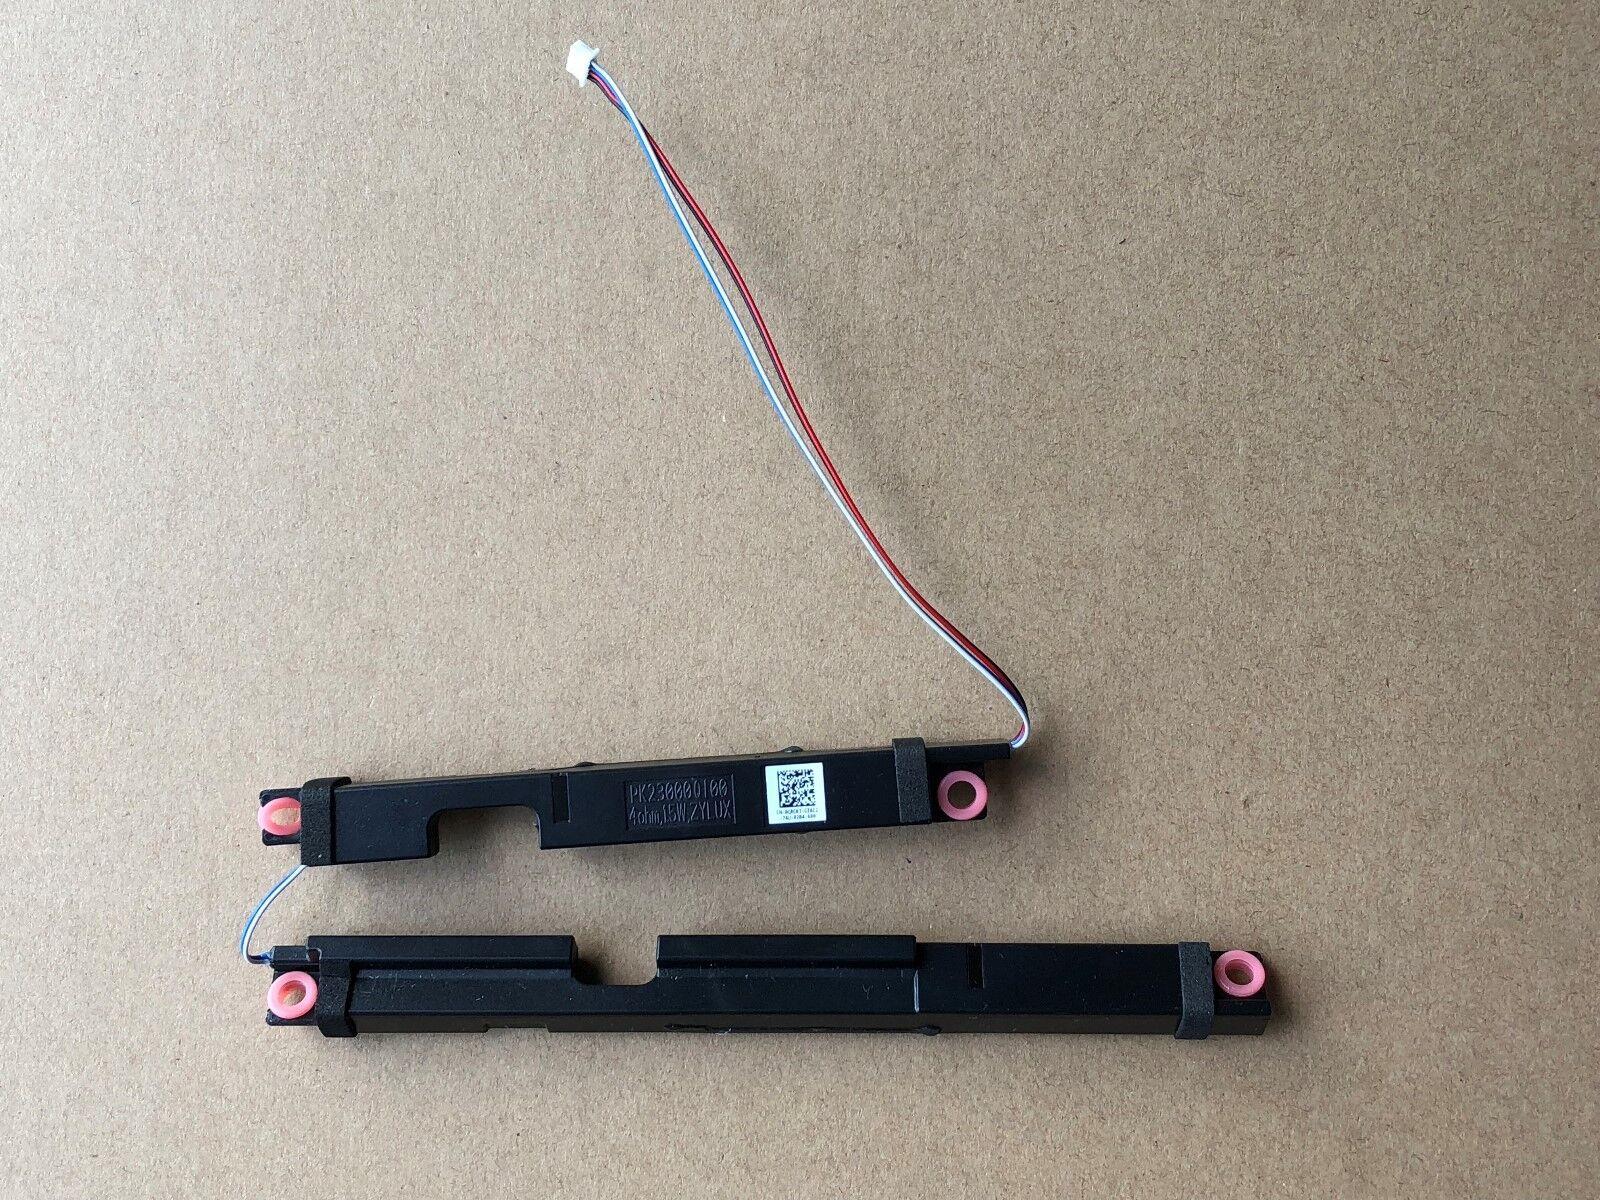 Original new for Dell M7510 SPEAKERS PK23000QI00 0GRCKJ